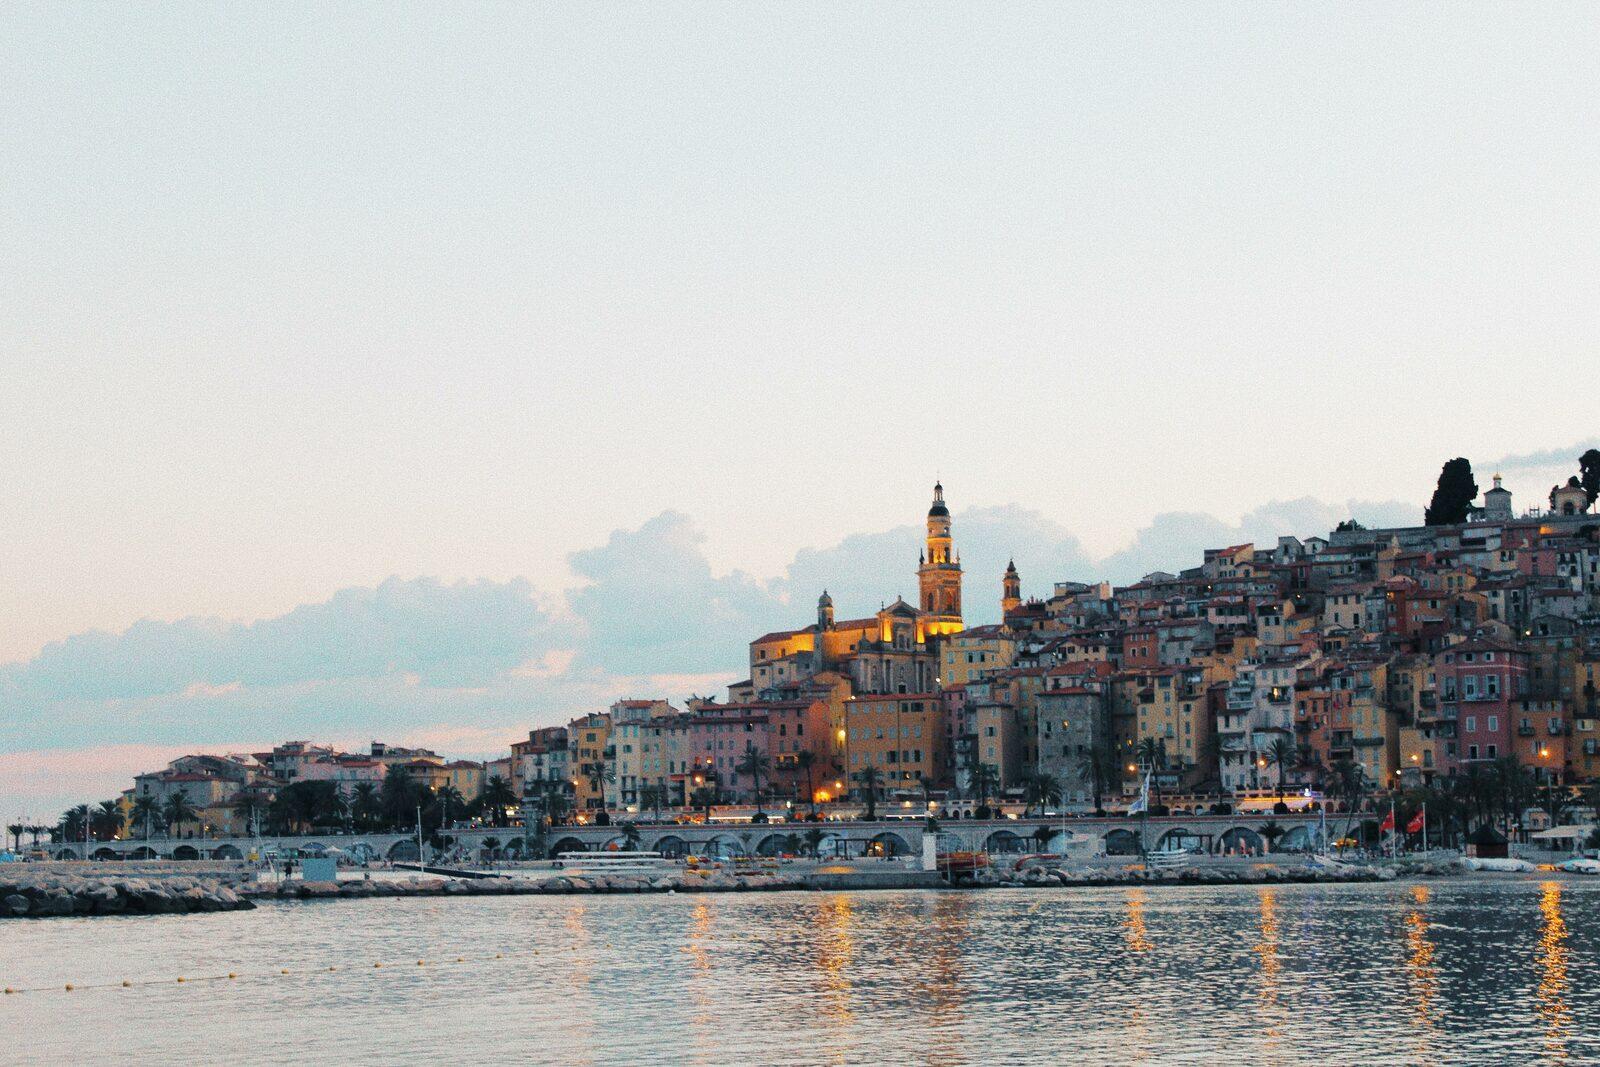 Ville de Menton sur la Côte d'Azur